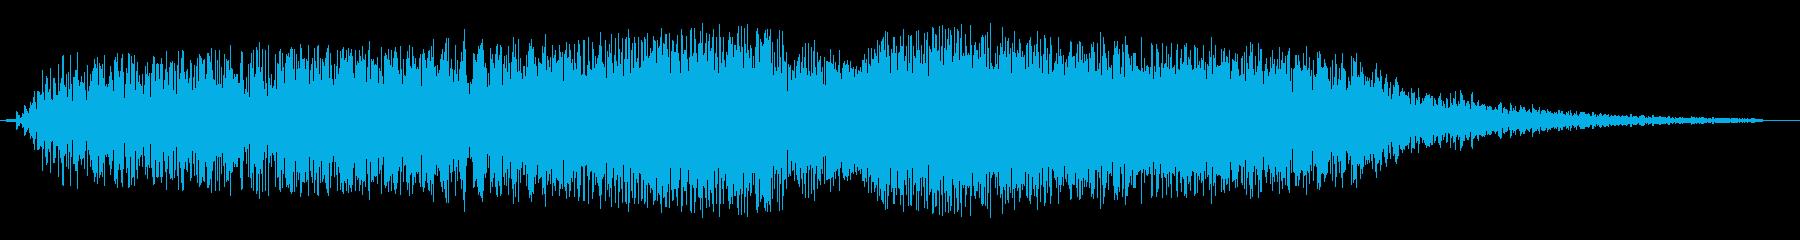 シャララ系アップダウンの再生済みの波形